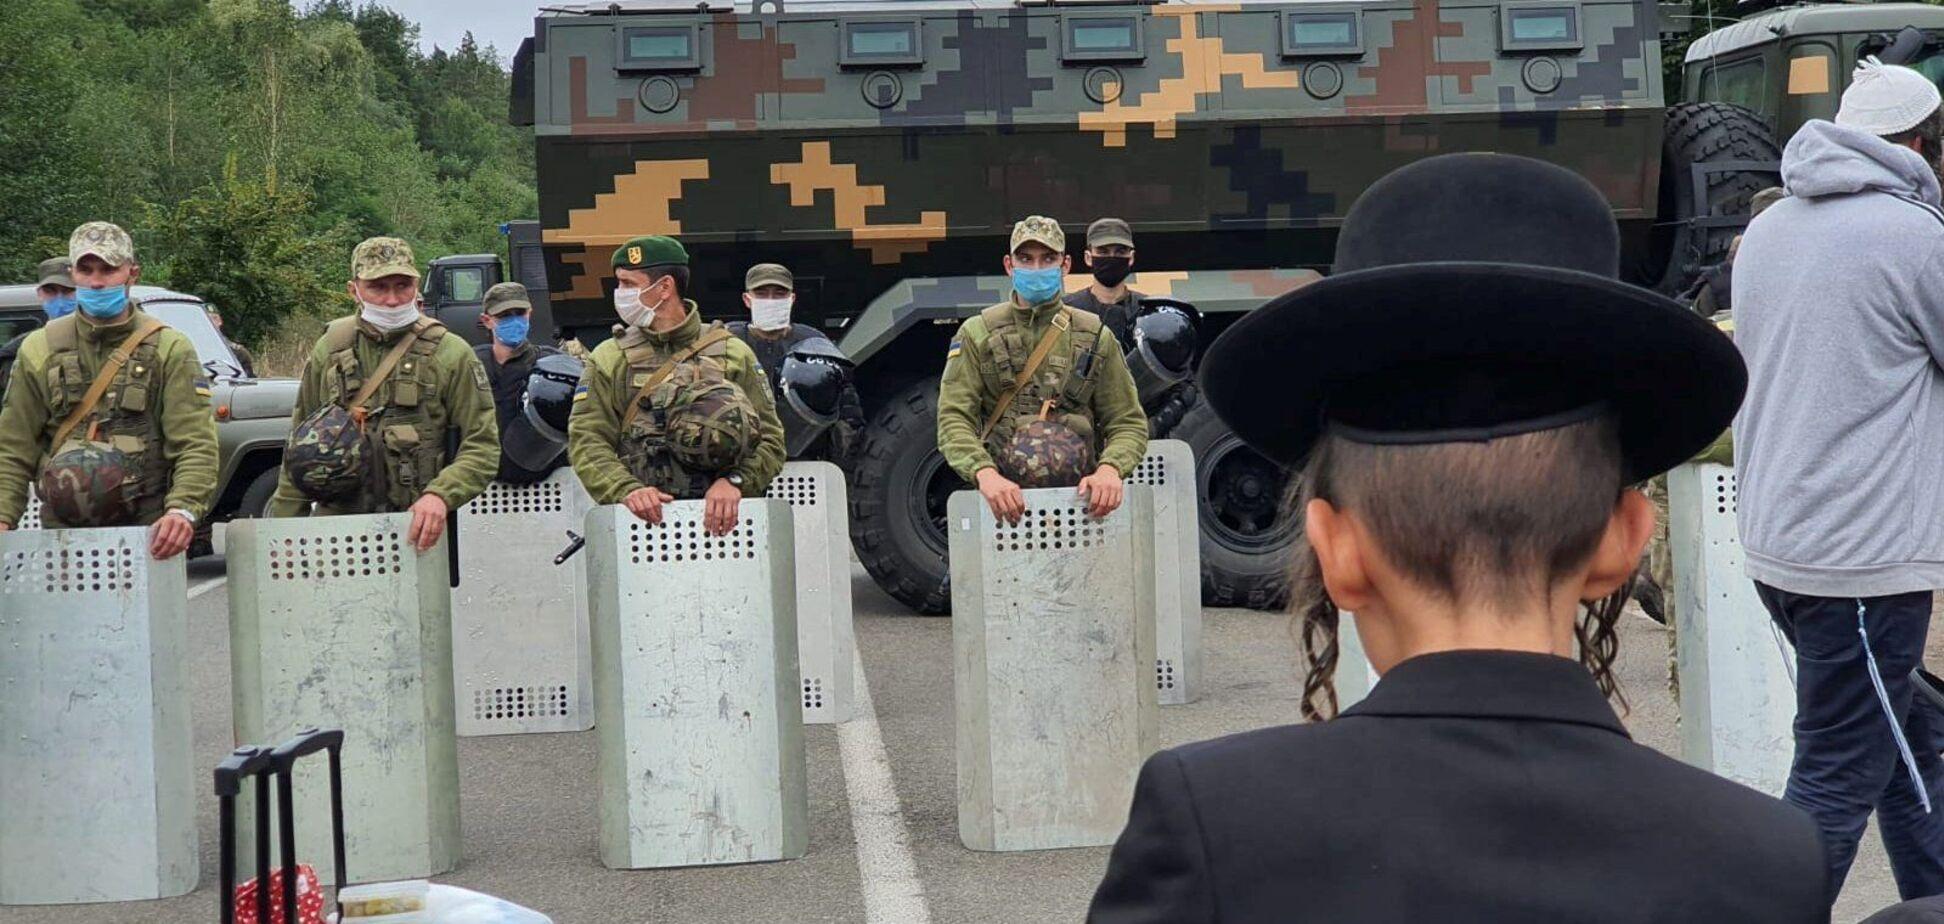 ОПУ обратился к властям Беларуси из-за хасидов на границе